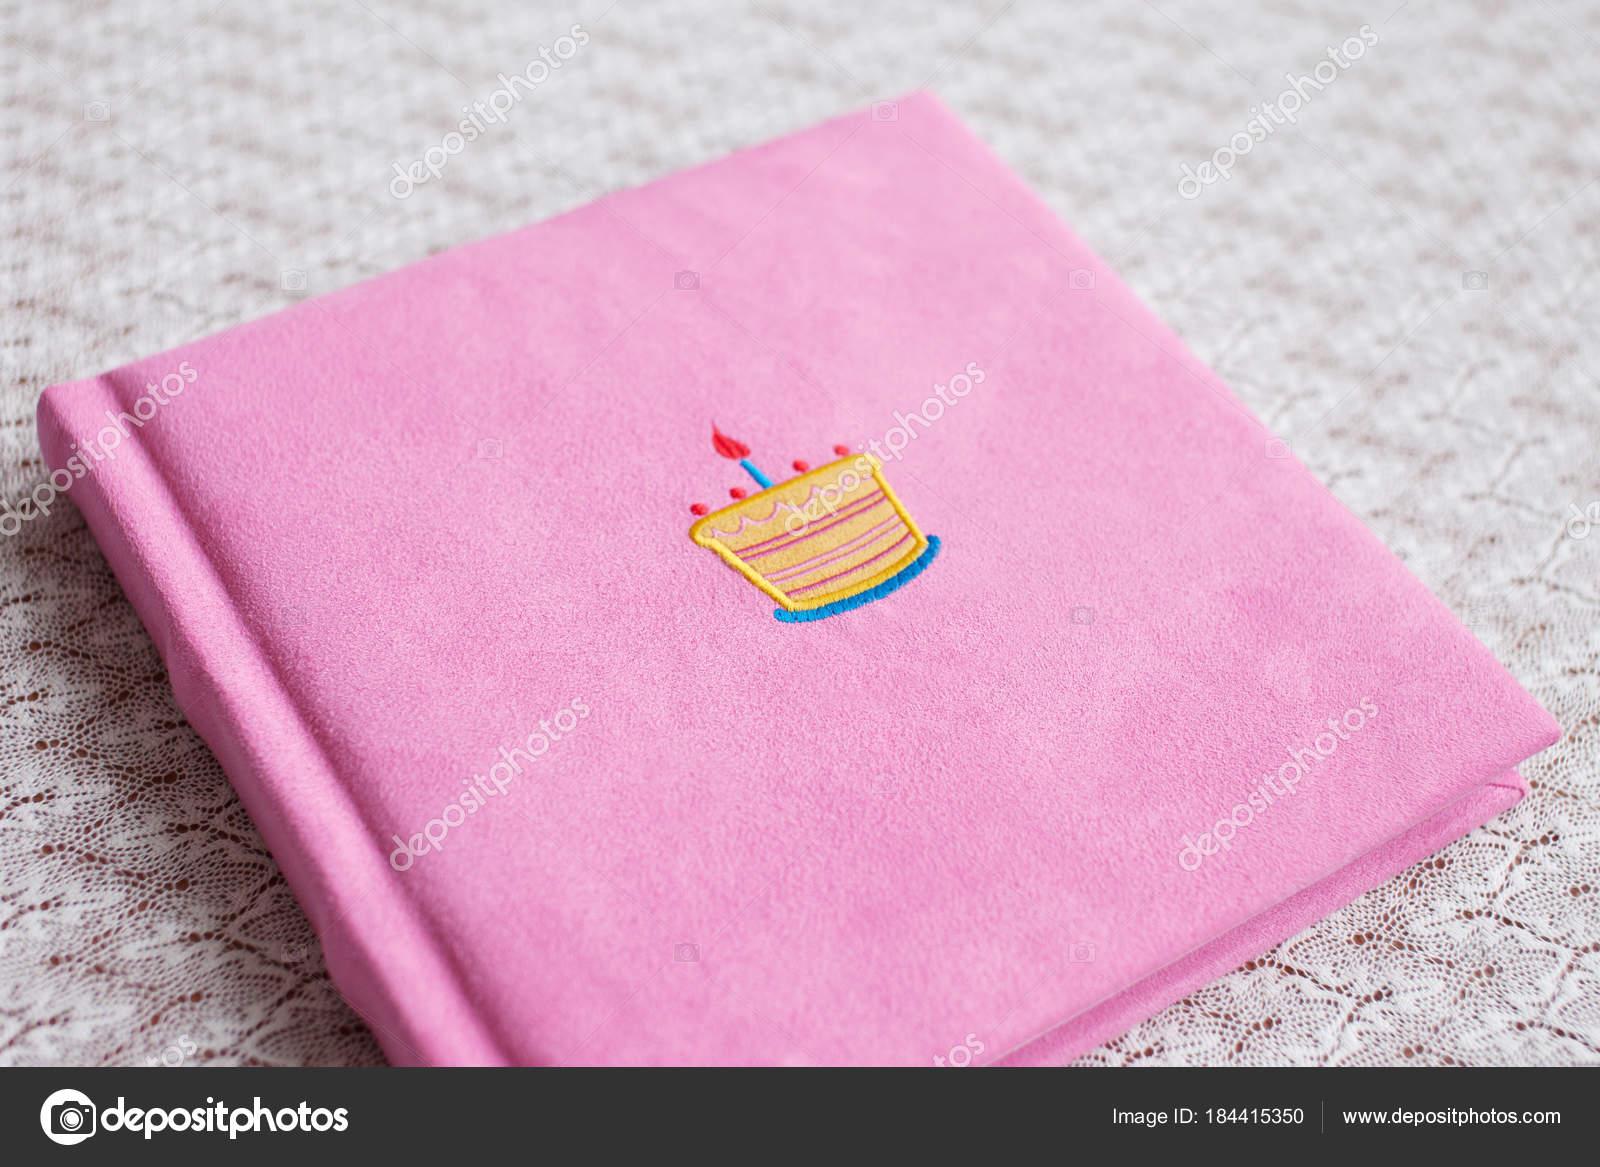 Prachtige Fotoboek In Licht Roze Textiel Te Dekken Baby Fotoboek